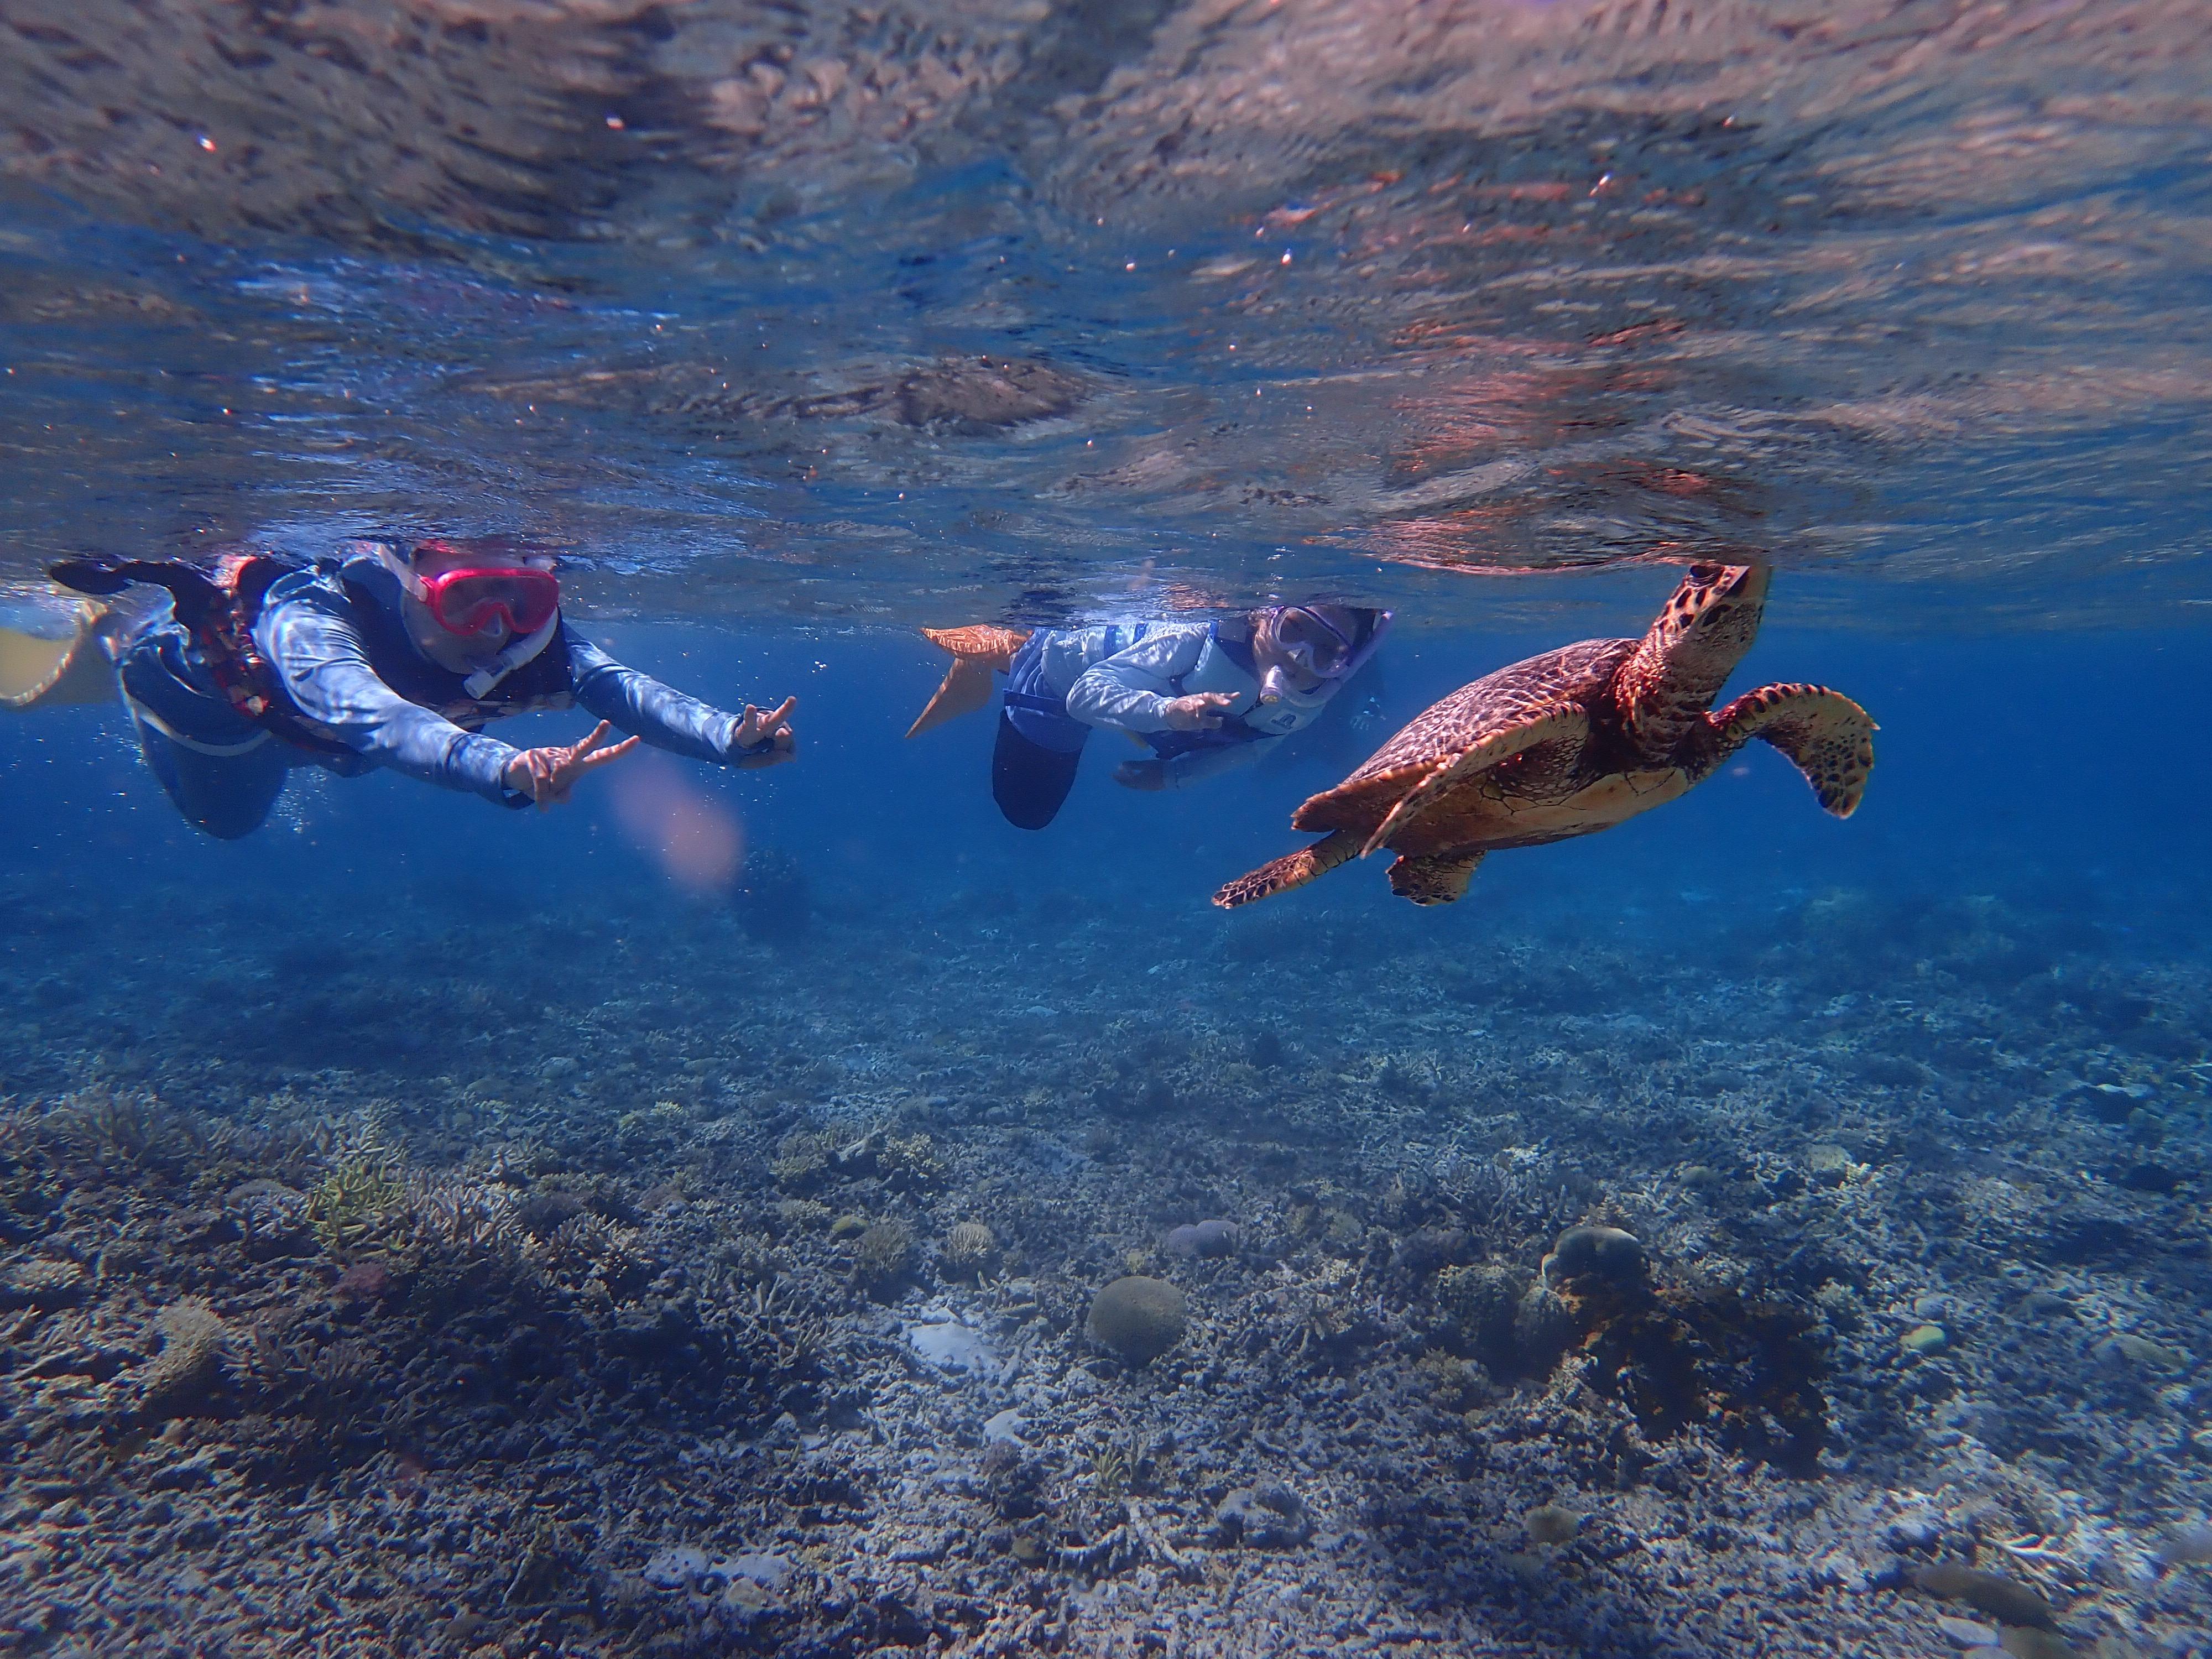 ウミガメと泳ぐ